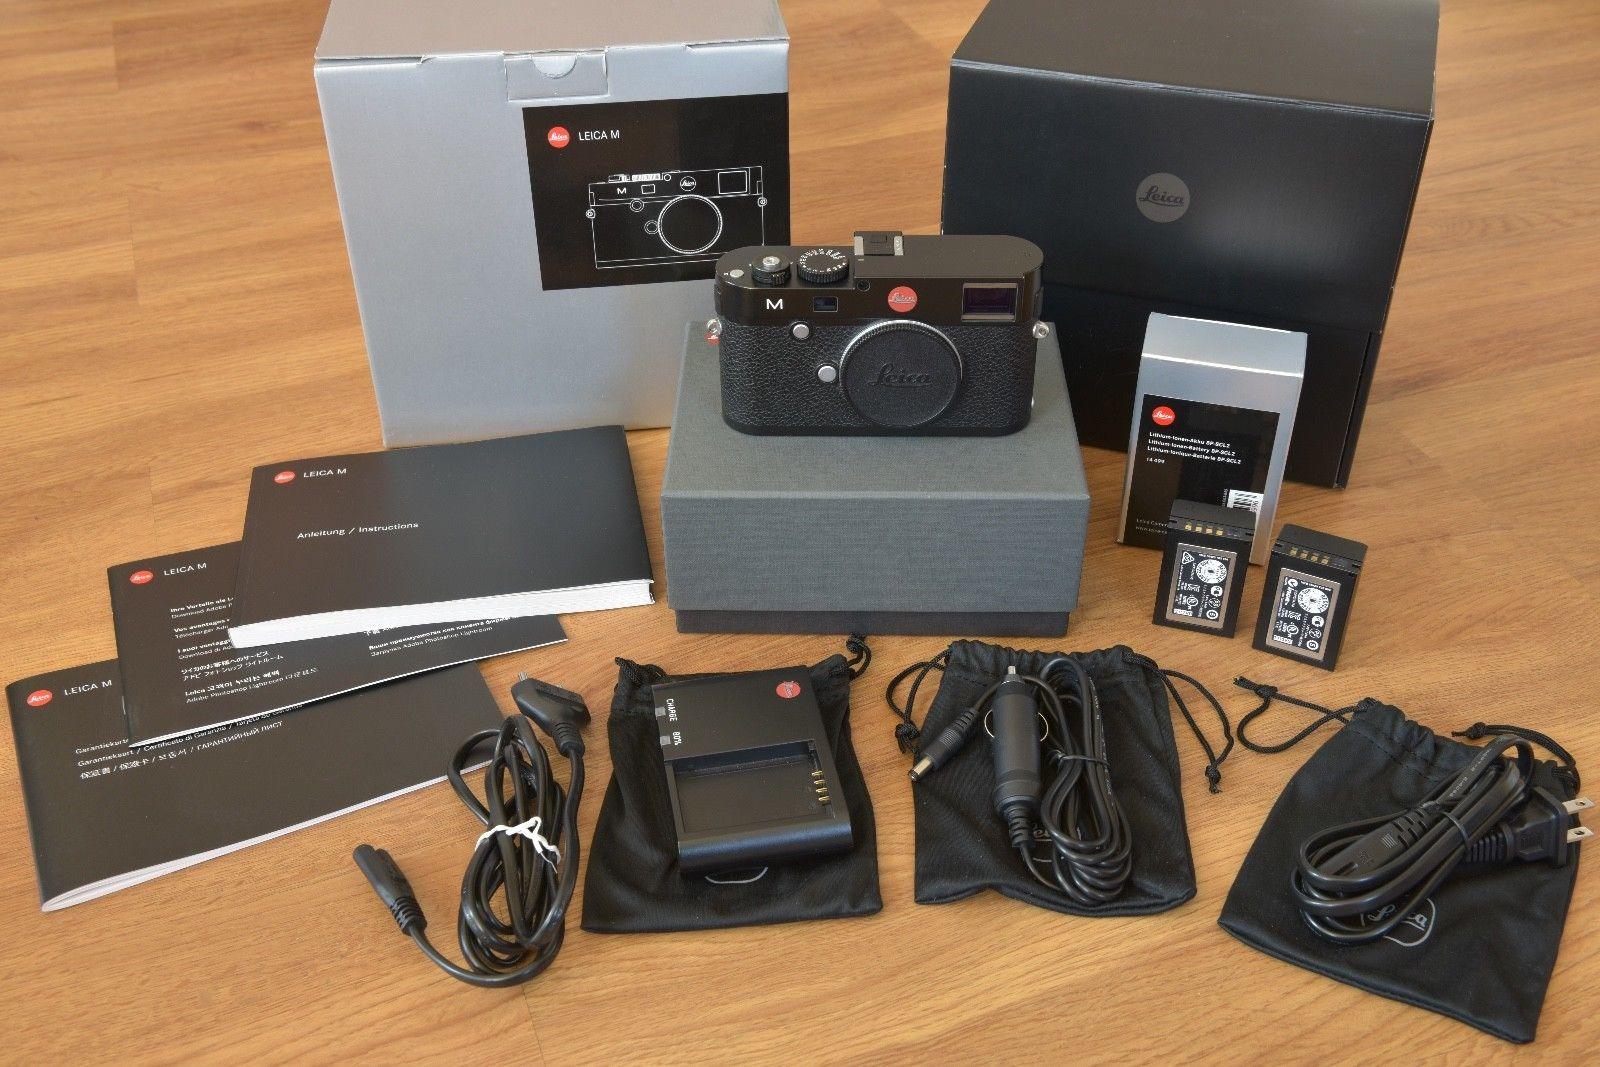 Leica M (Typ 240) 24.0 MP Digitalkamera - Schwarz, sehr gut